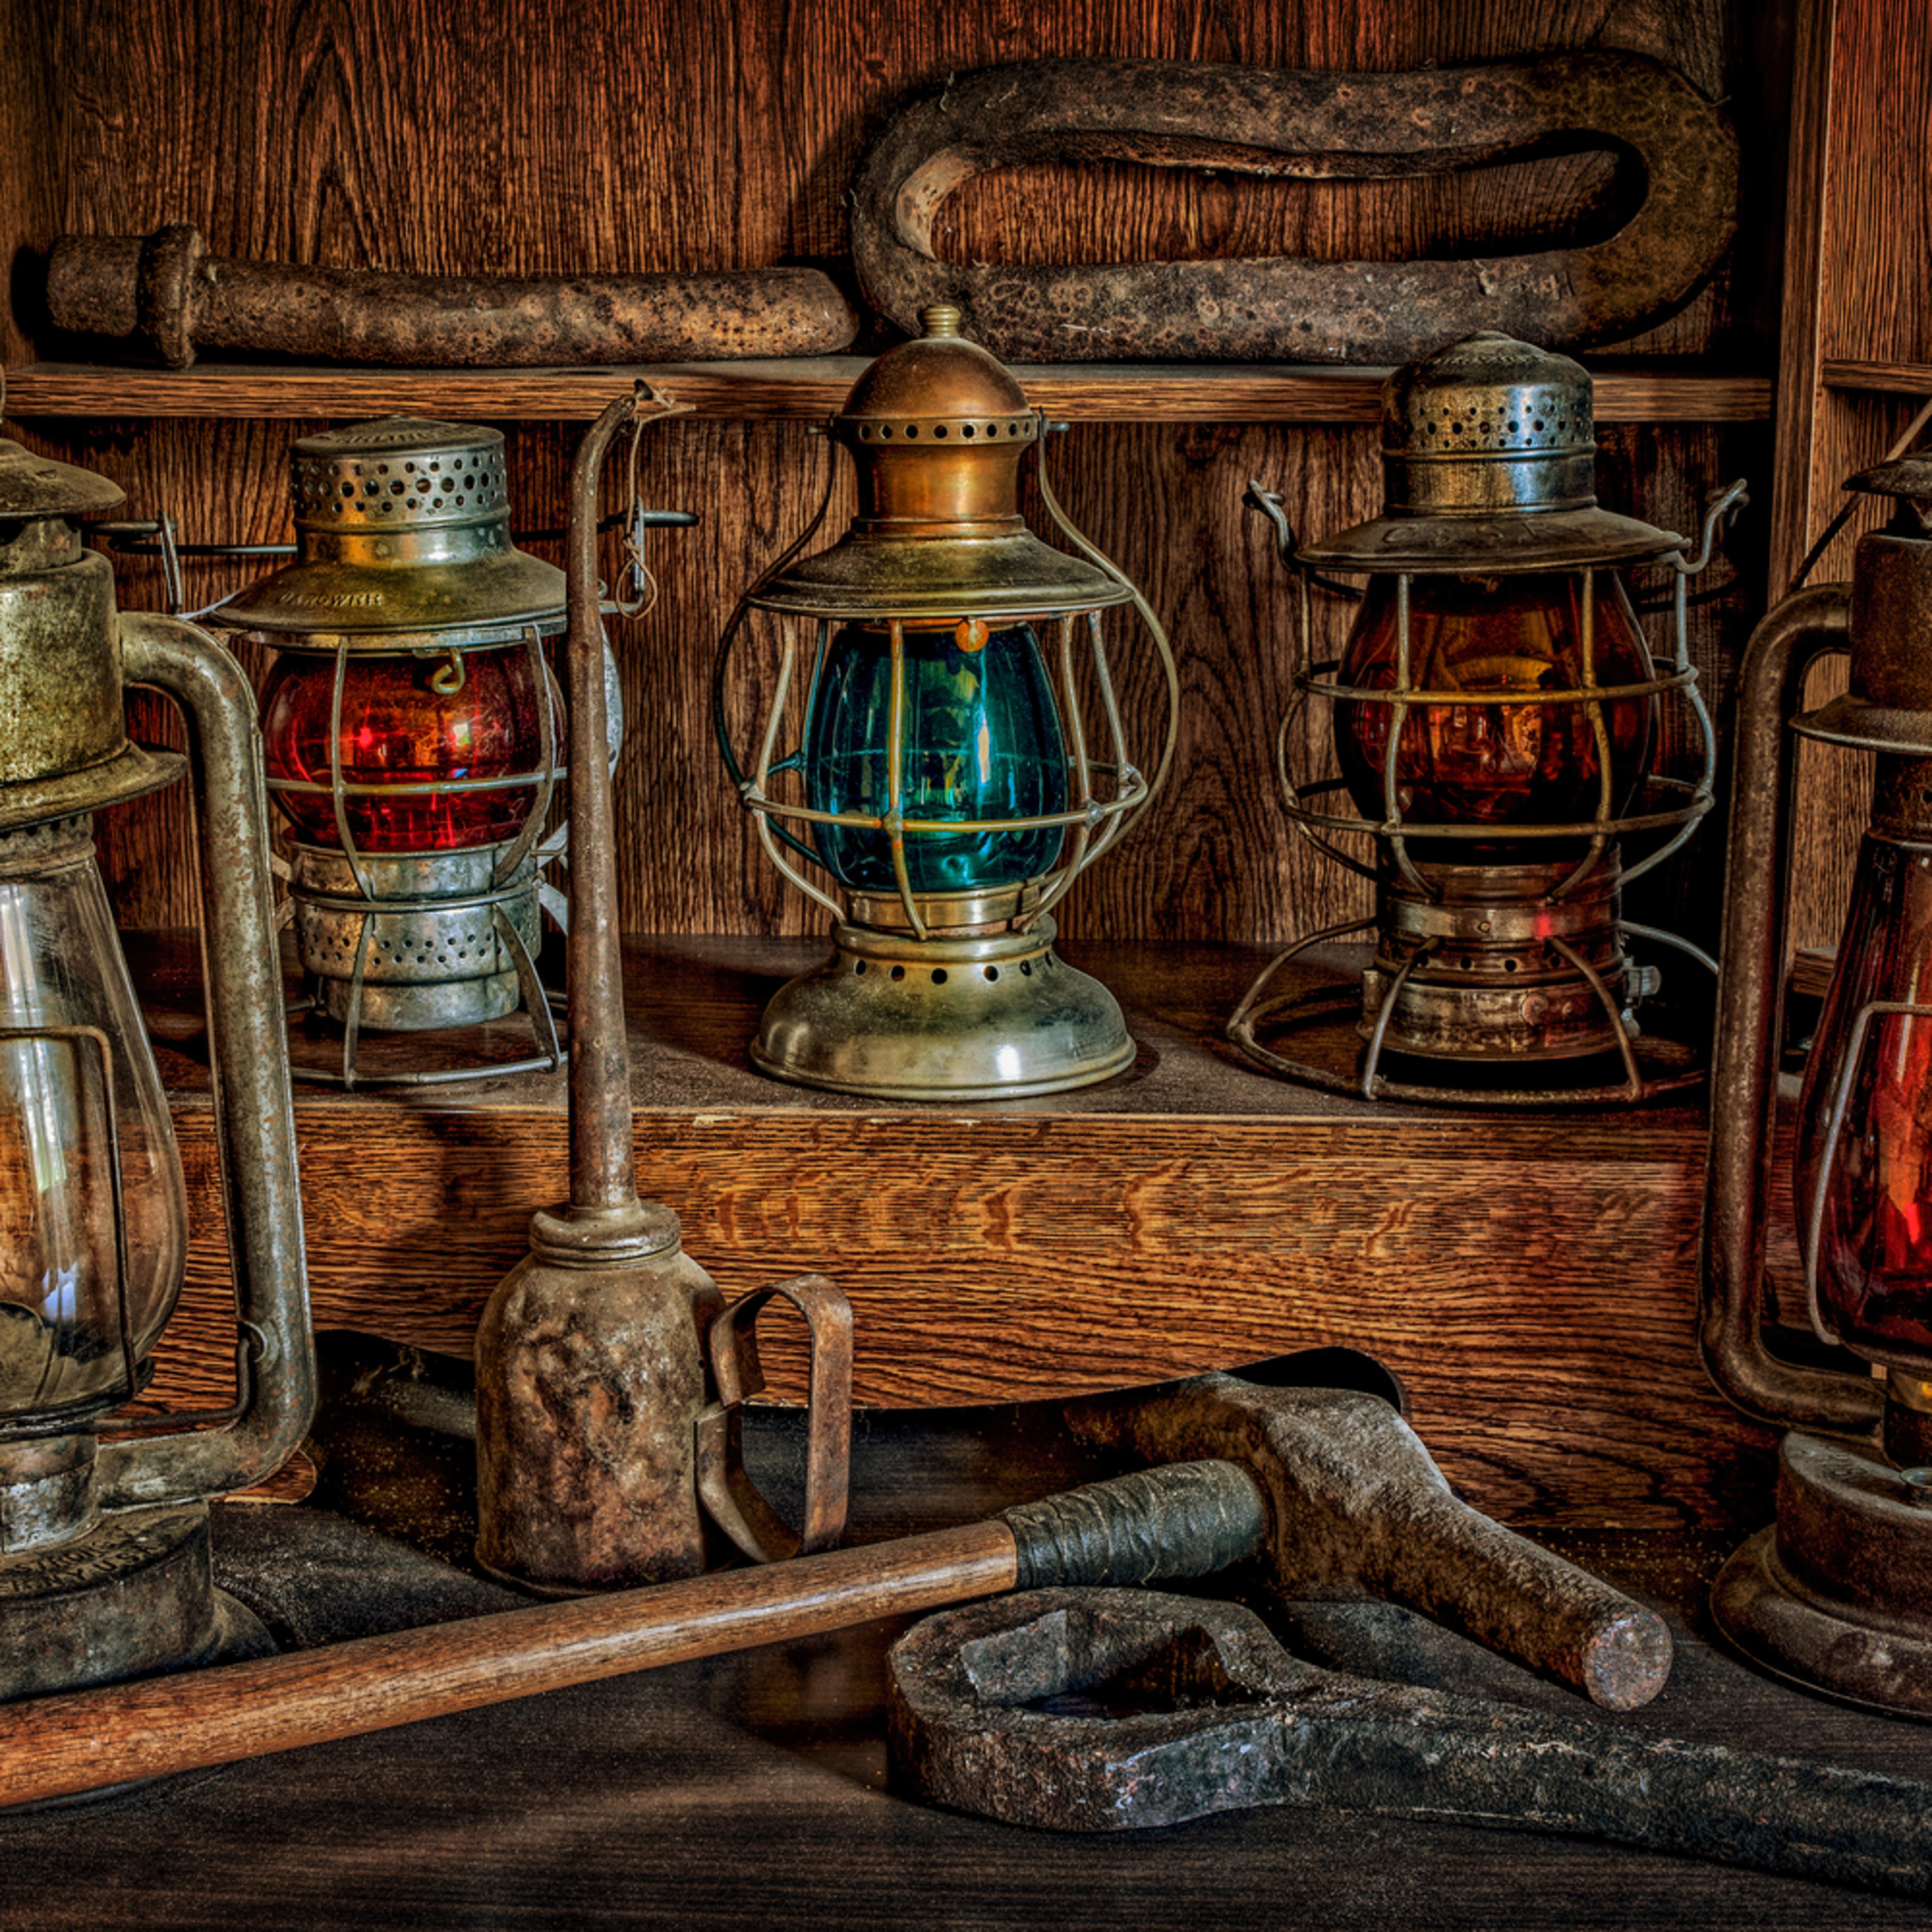 Railroad lanterns   copy j56hdm